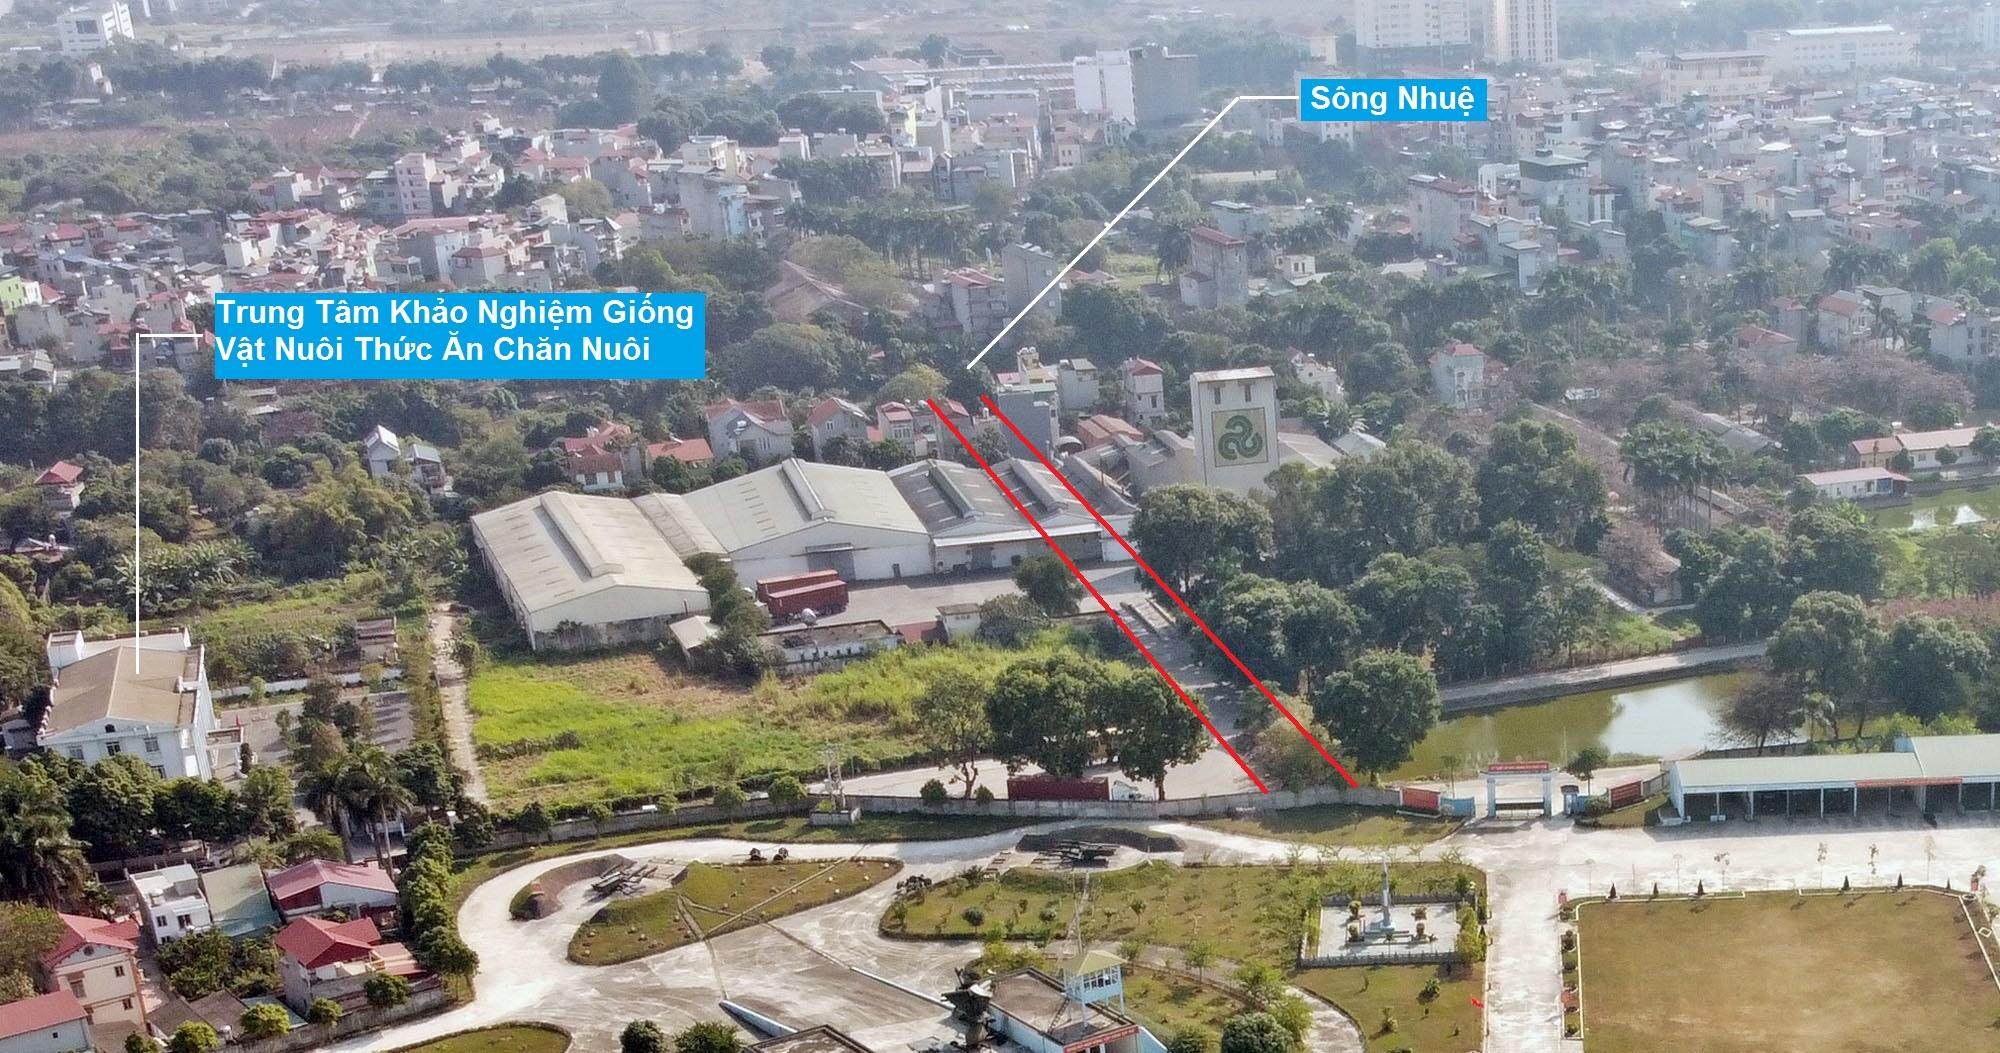 Ba đường sẽ mở theo quy hoạch ở phường Thụy Phương, Bắc Từ Liêm, Hà Nội (phần 3) - Ảnh 8.